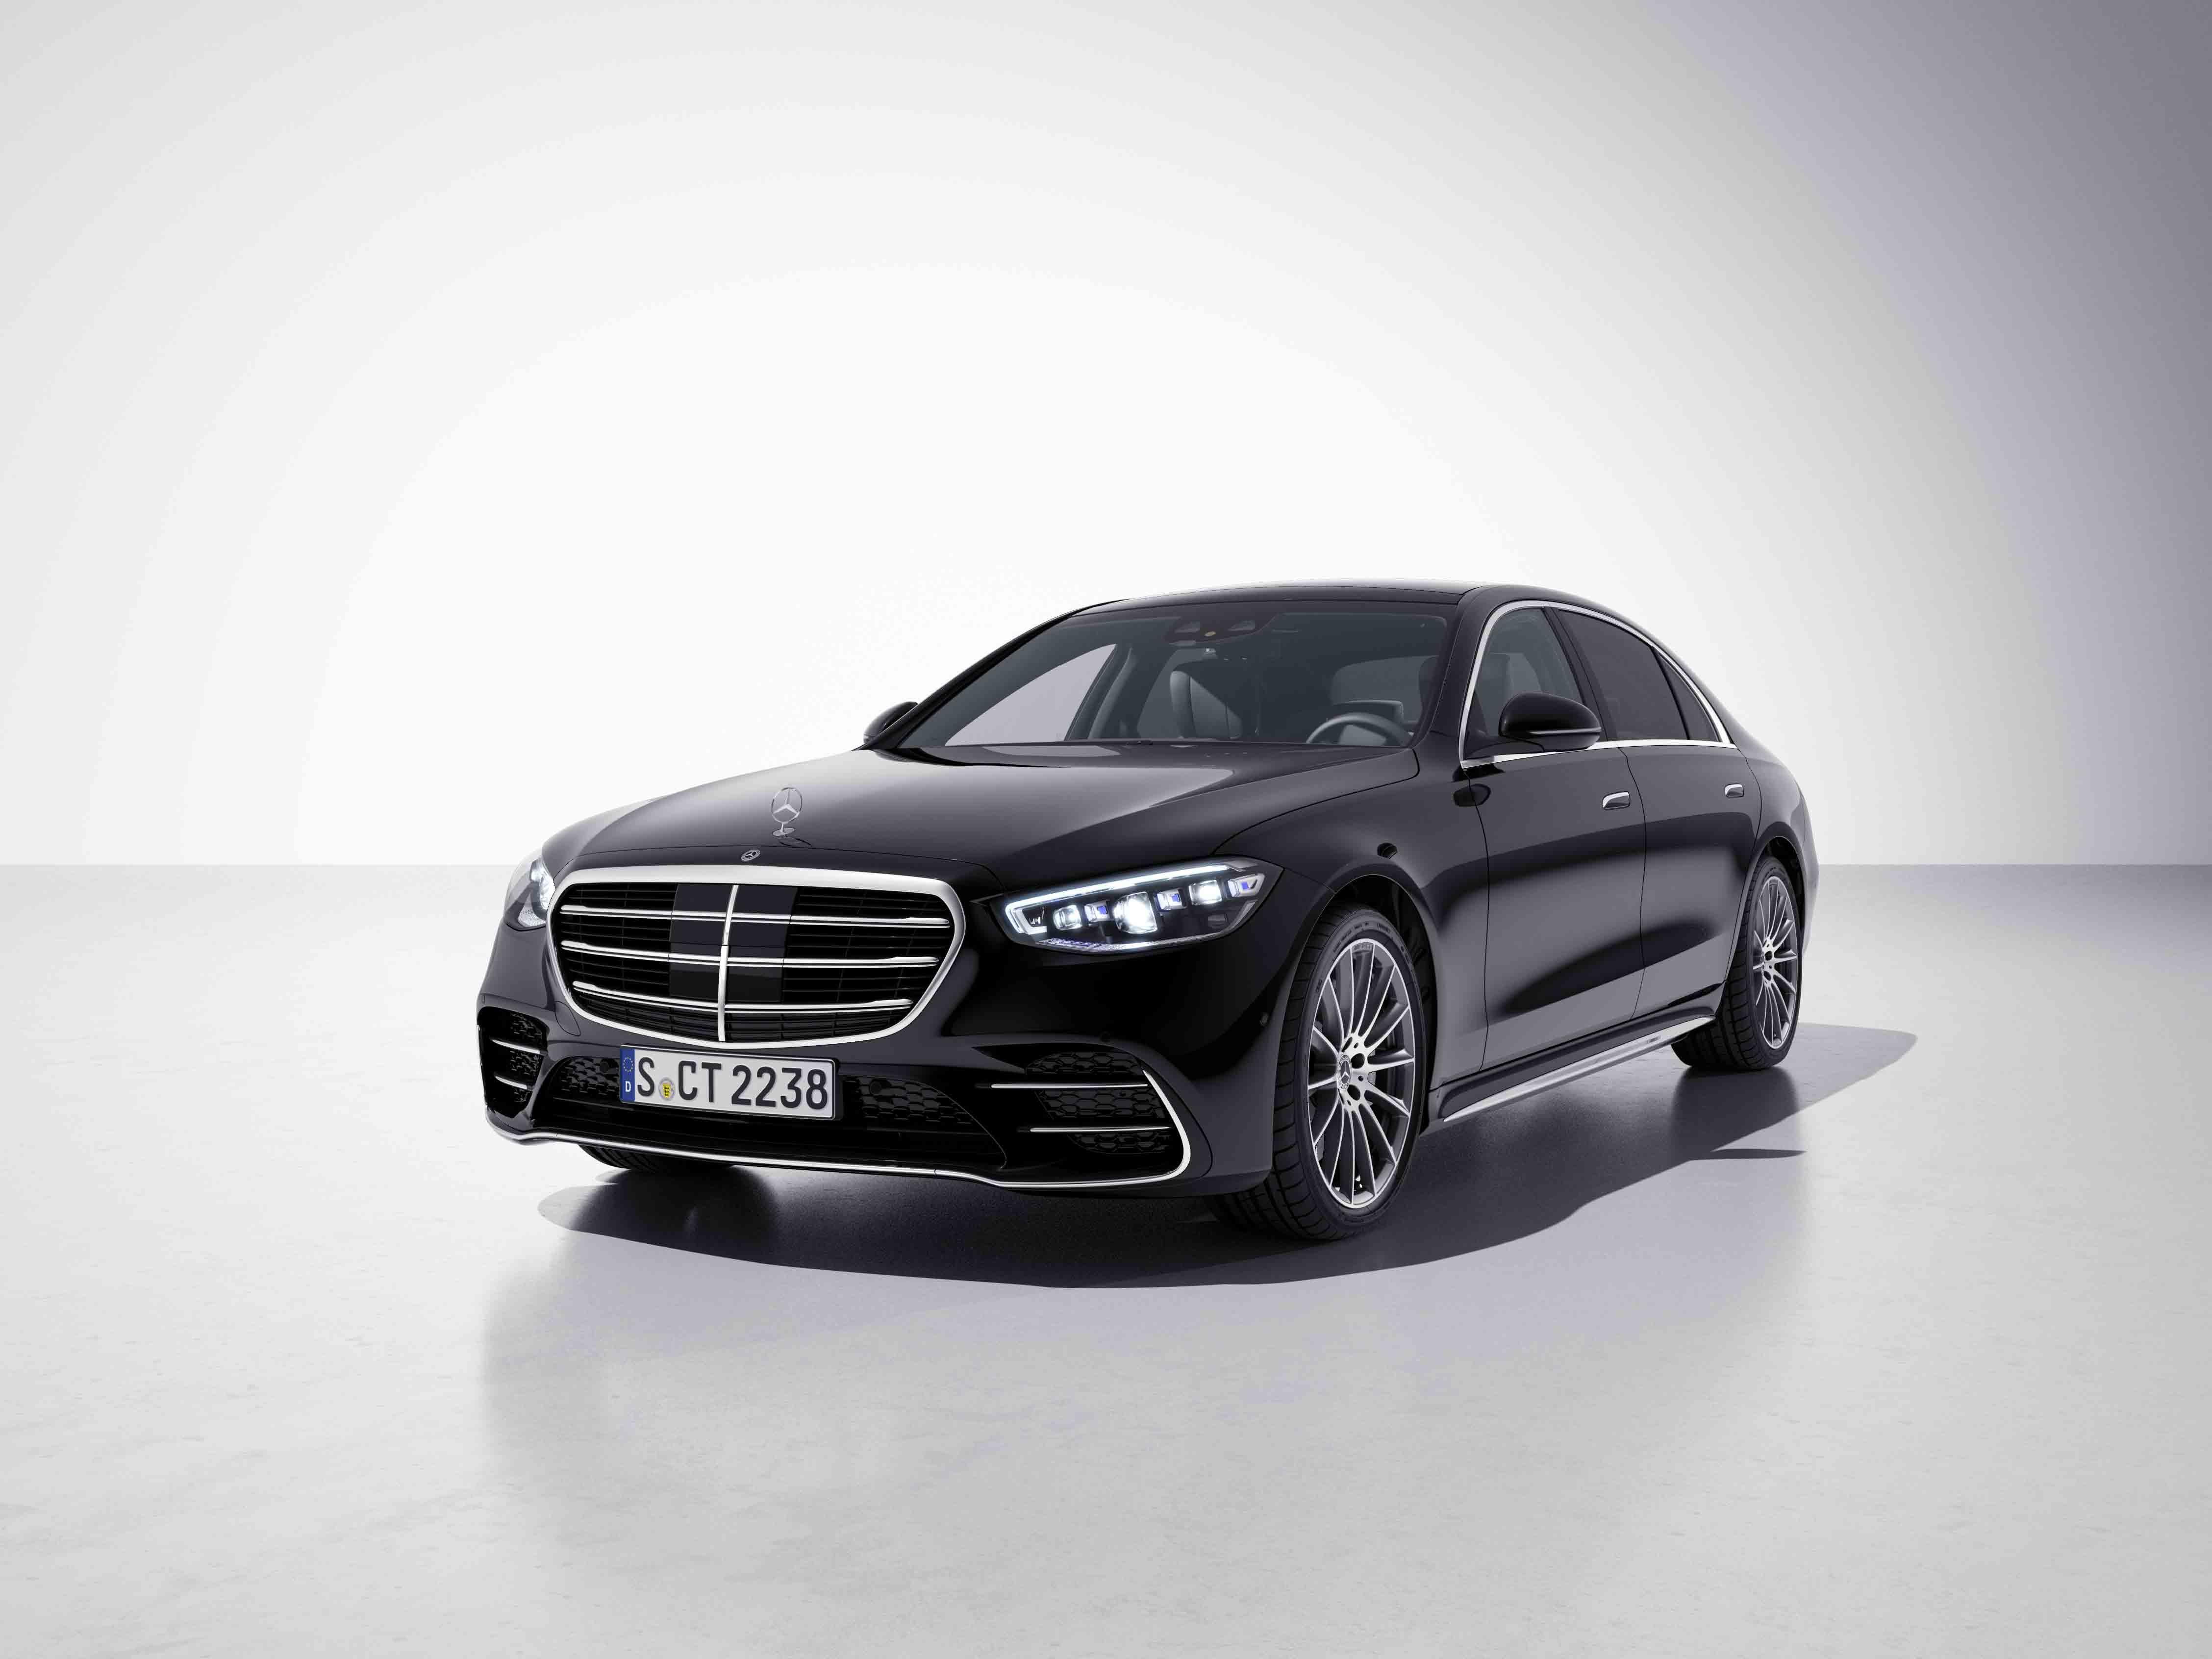 Vue de trois quarts de profil de la Mercedes Classe S Limousine avec la peinture Métallisé noir magnetie